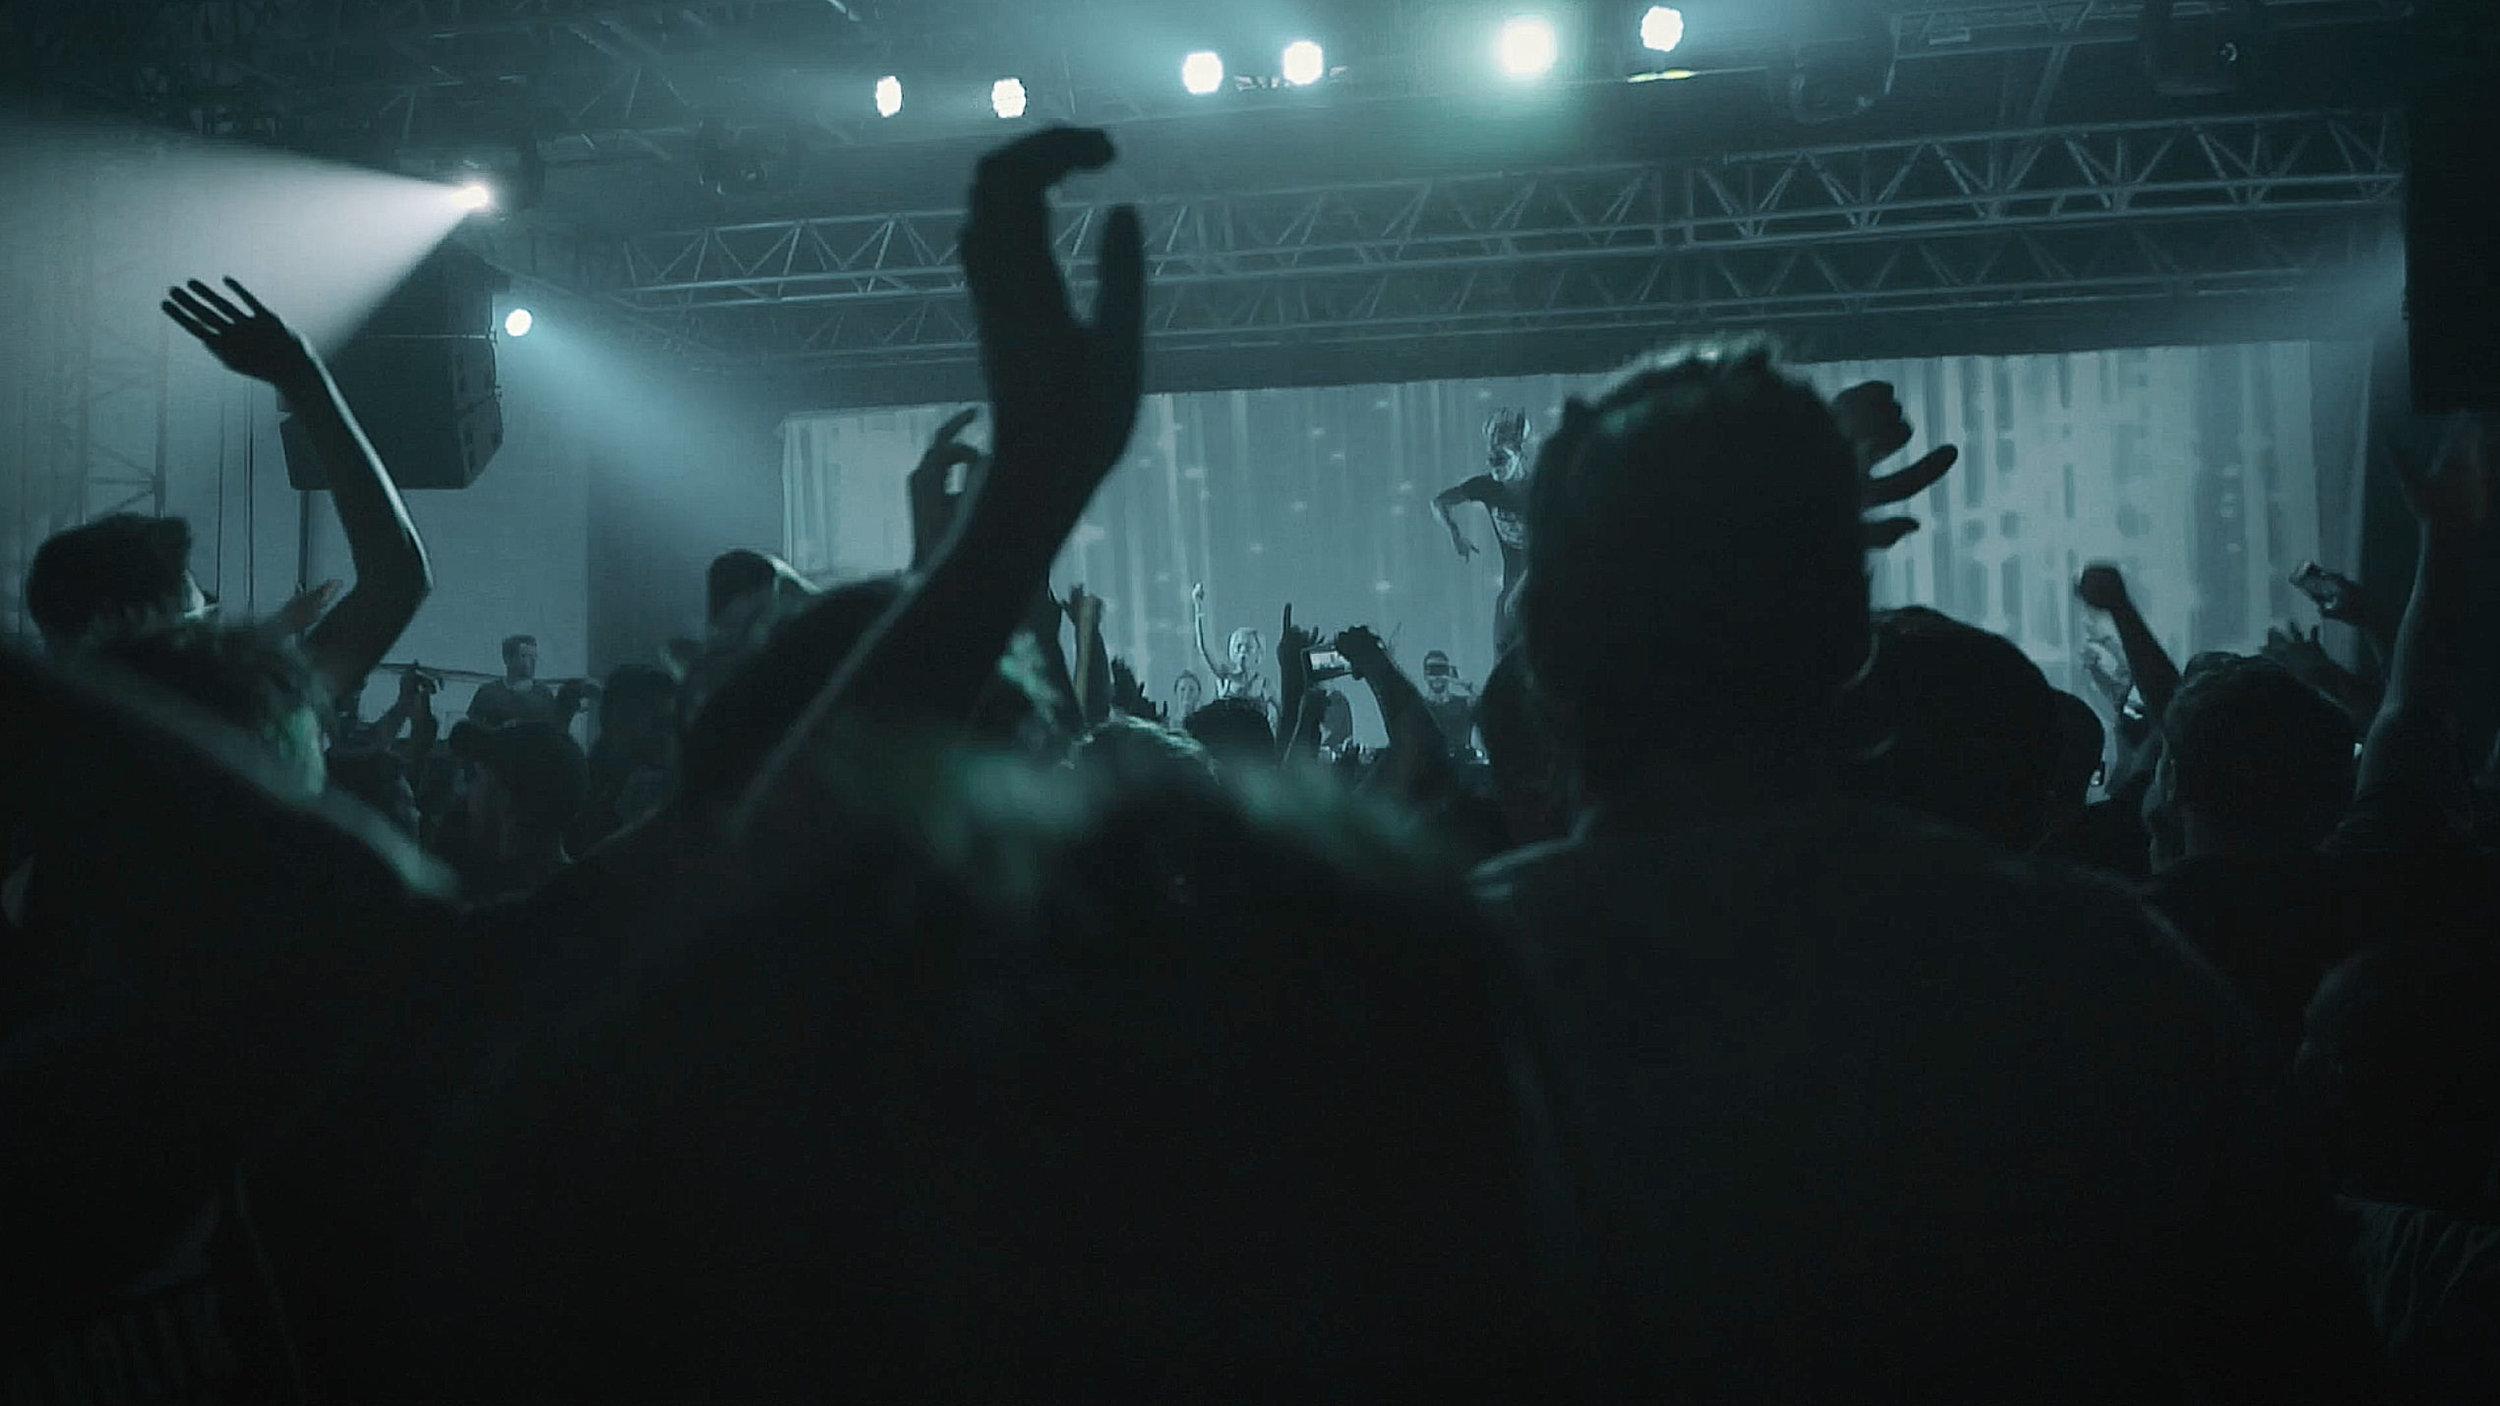 Le Diéze - 20.09.2018 Montpellier (France)FCKNG SERIOUS EUROPE BUS TOUR